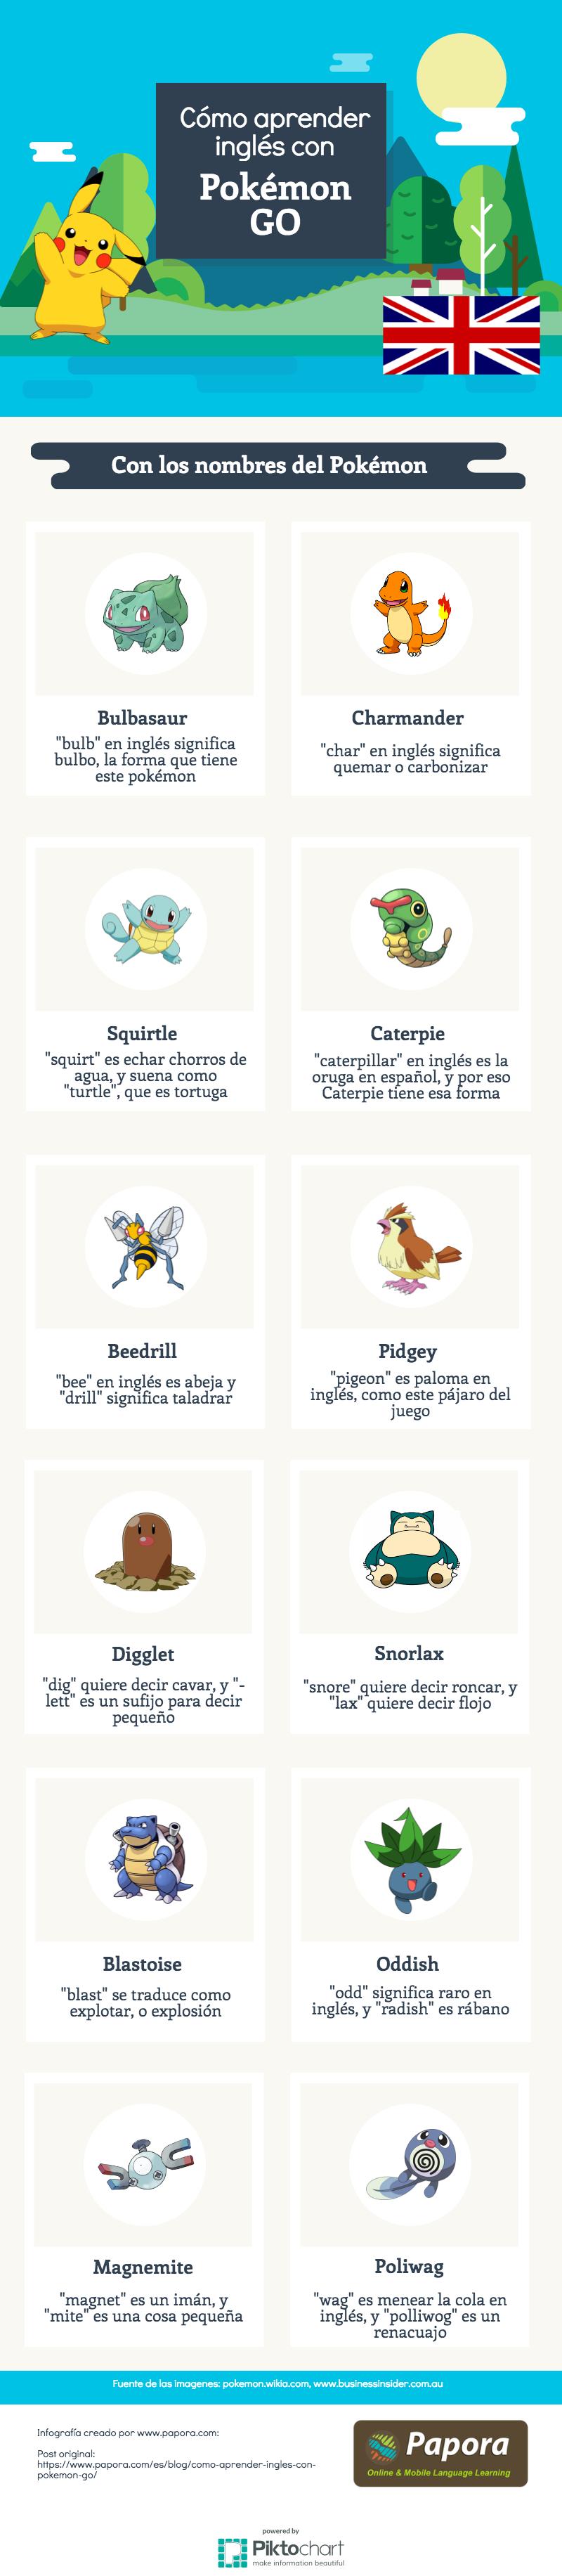 Infografia-Pokemon-Go-Papora_1